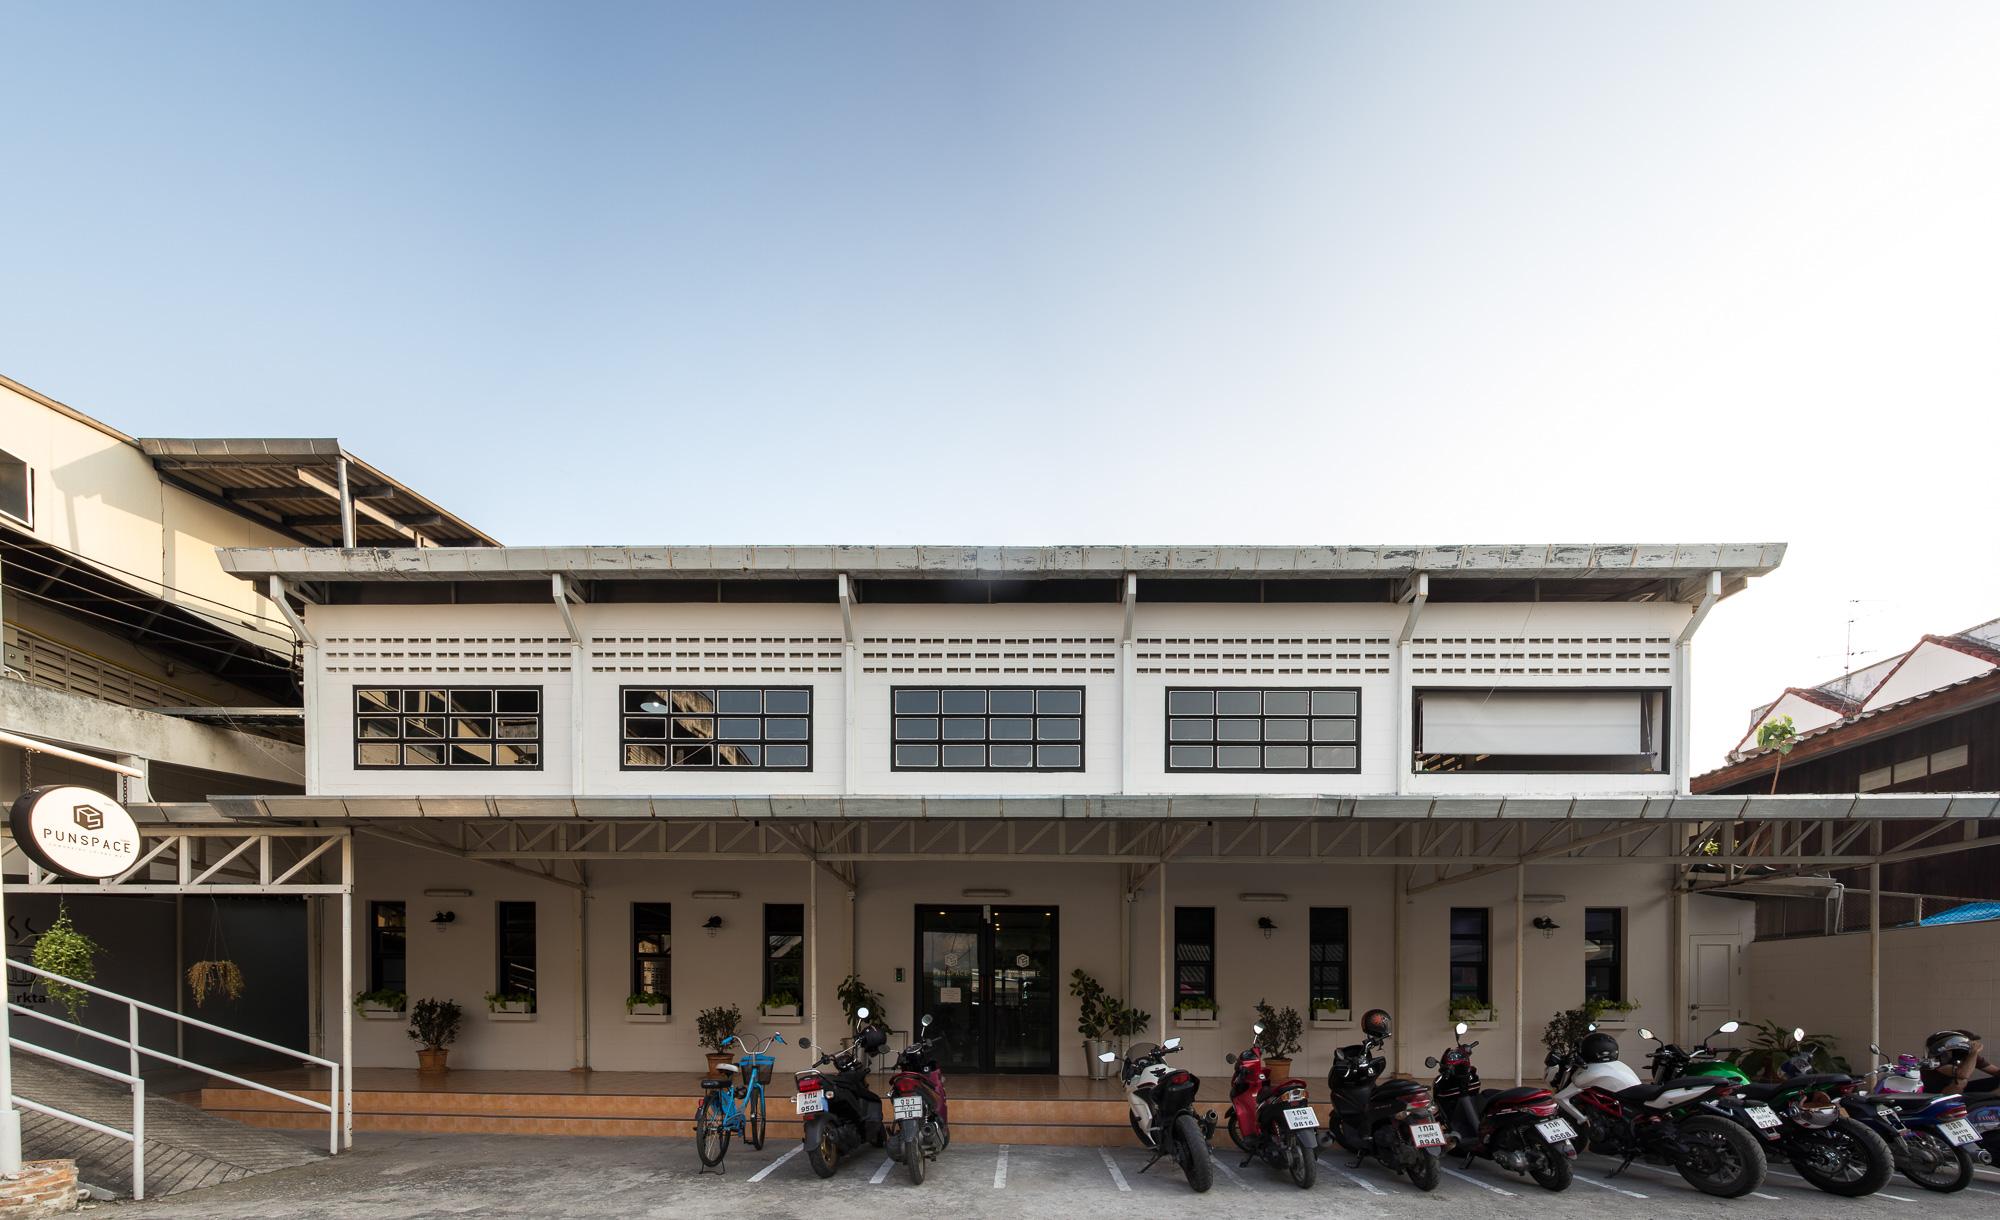 Punspace (Tha Phae Gate), Chiang Mai